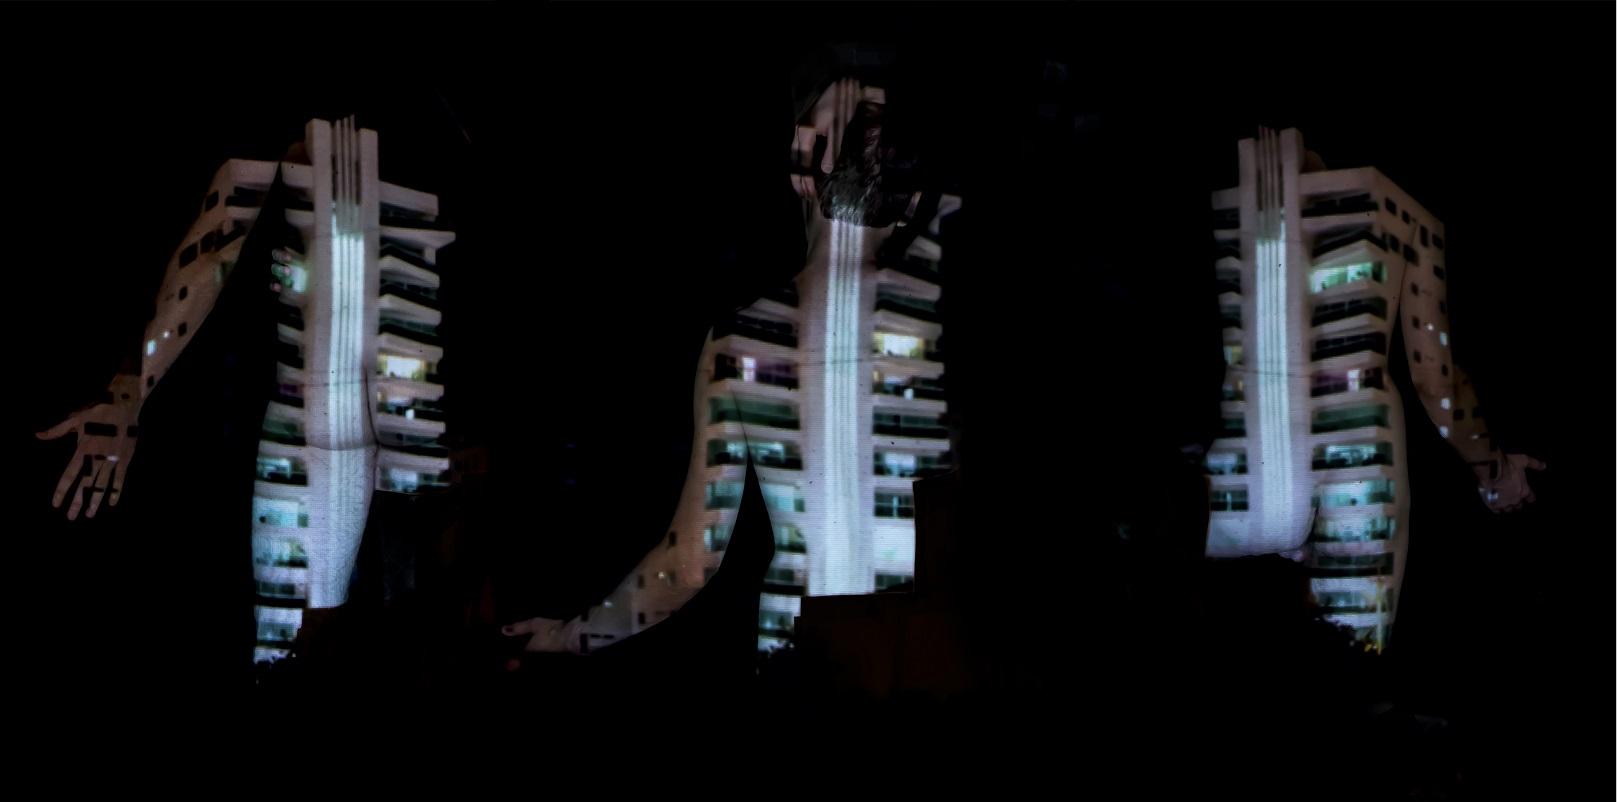 Edificio blanco alta resolución randlosklein